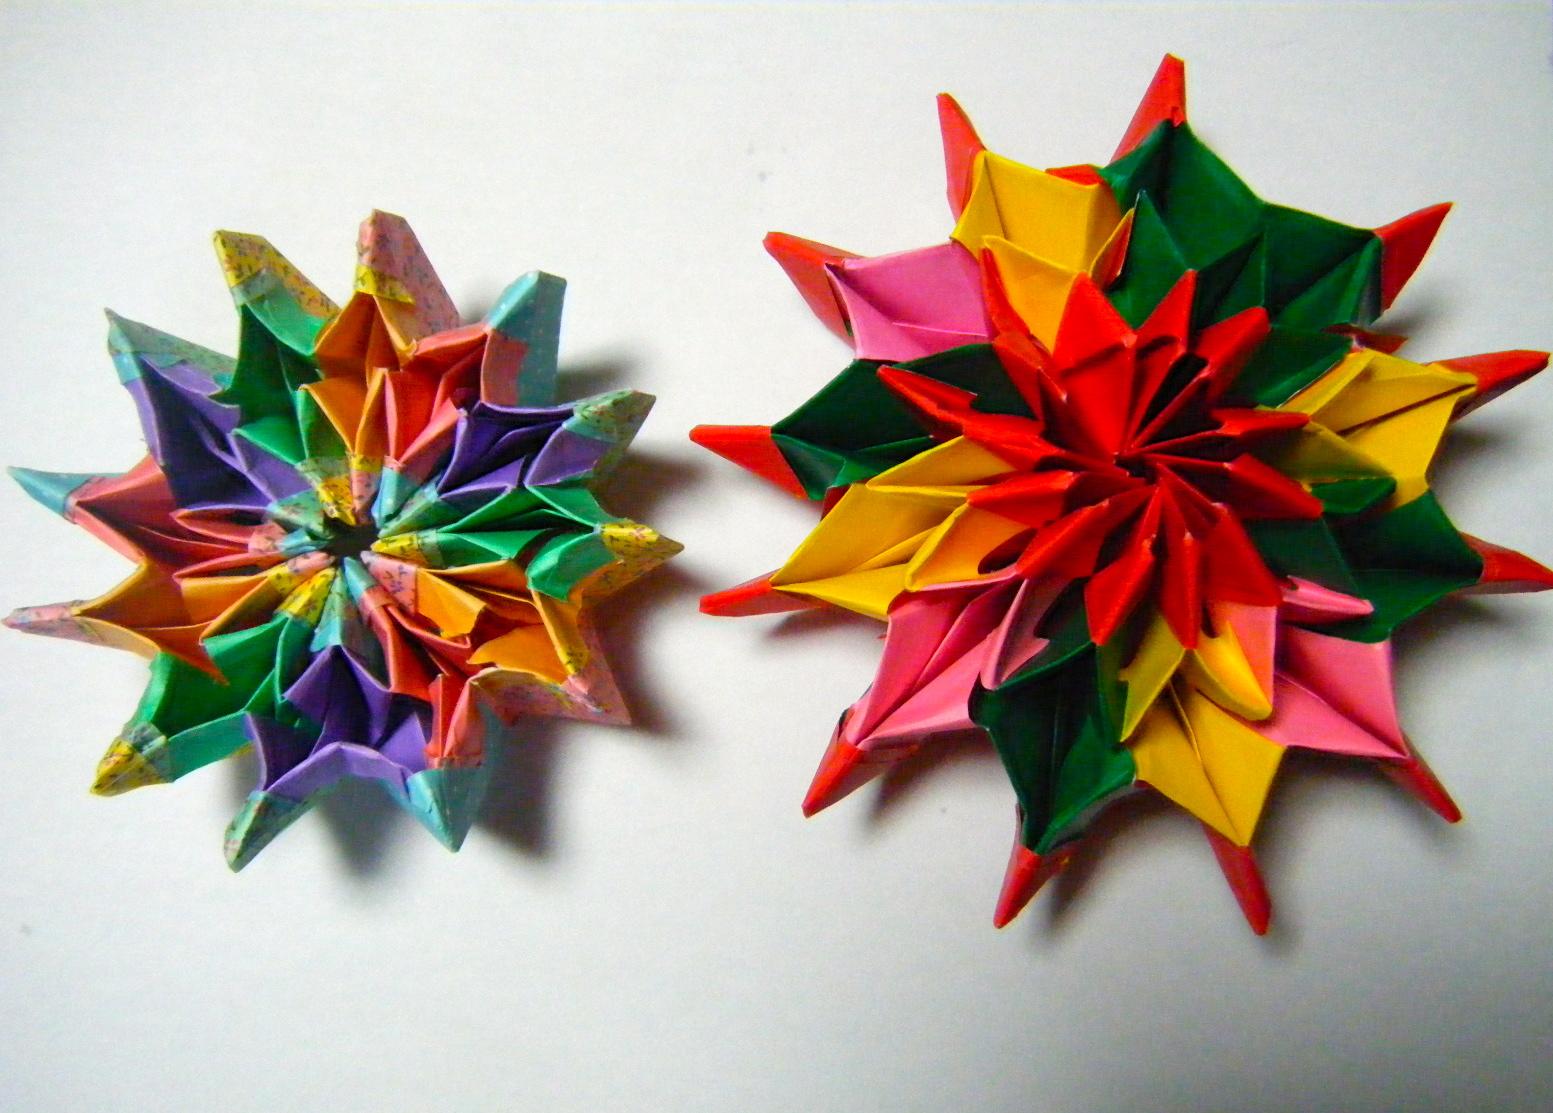 折り紙の 折り紙のくす玉 : DSCF8726 タグ : 折り紙 ユニット ...